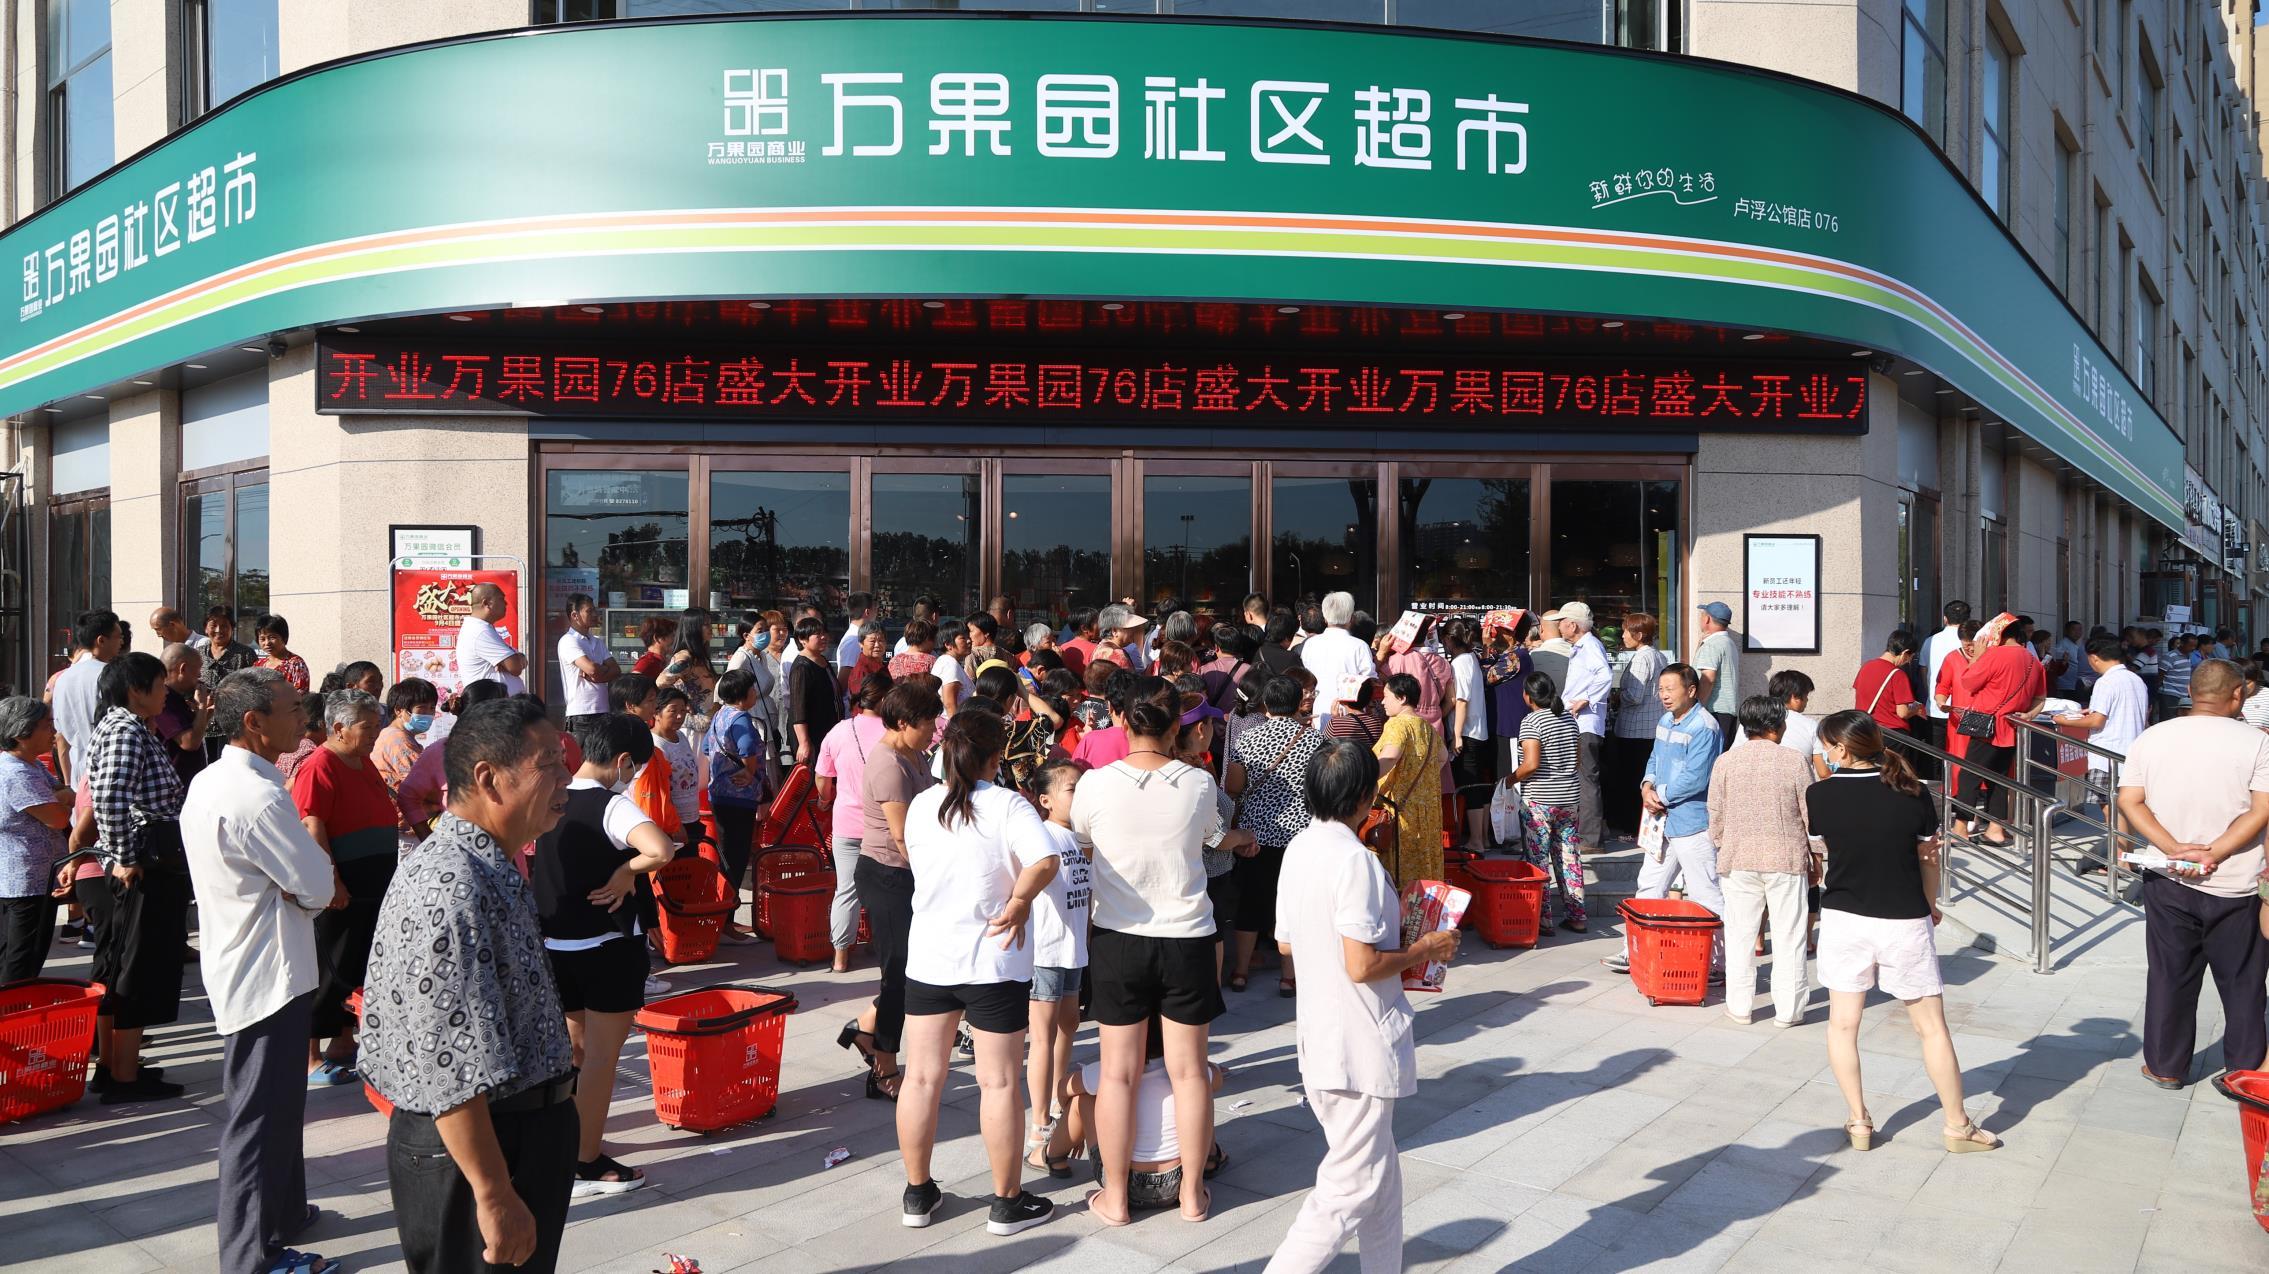 商业连锁社区超市卢浮公馆76店正式开业